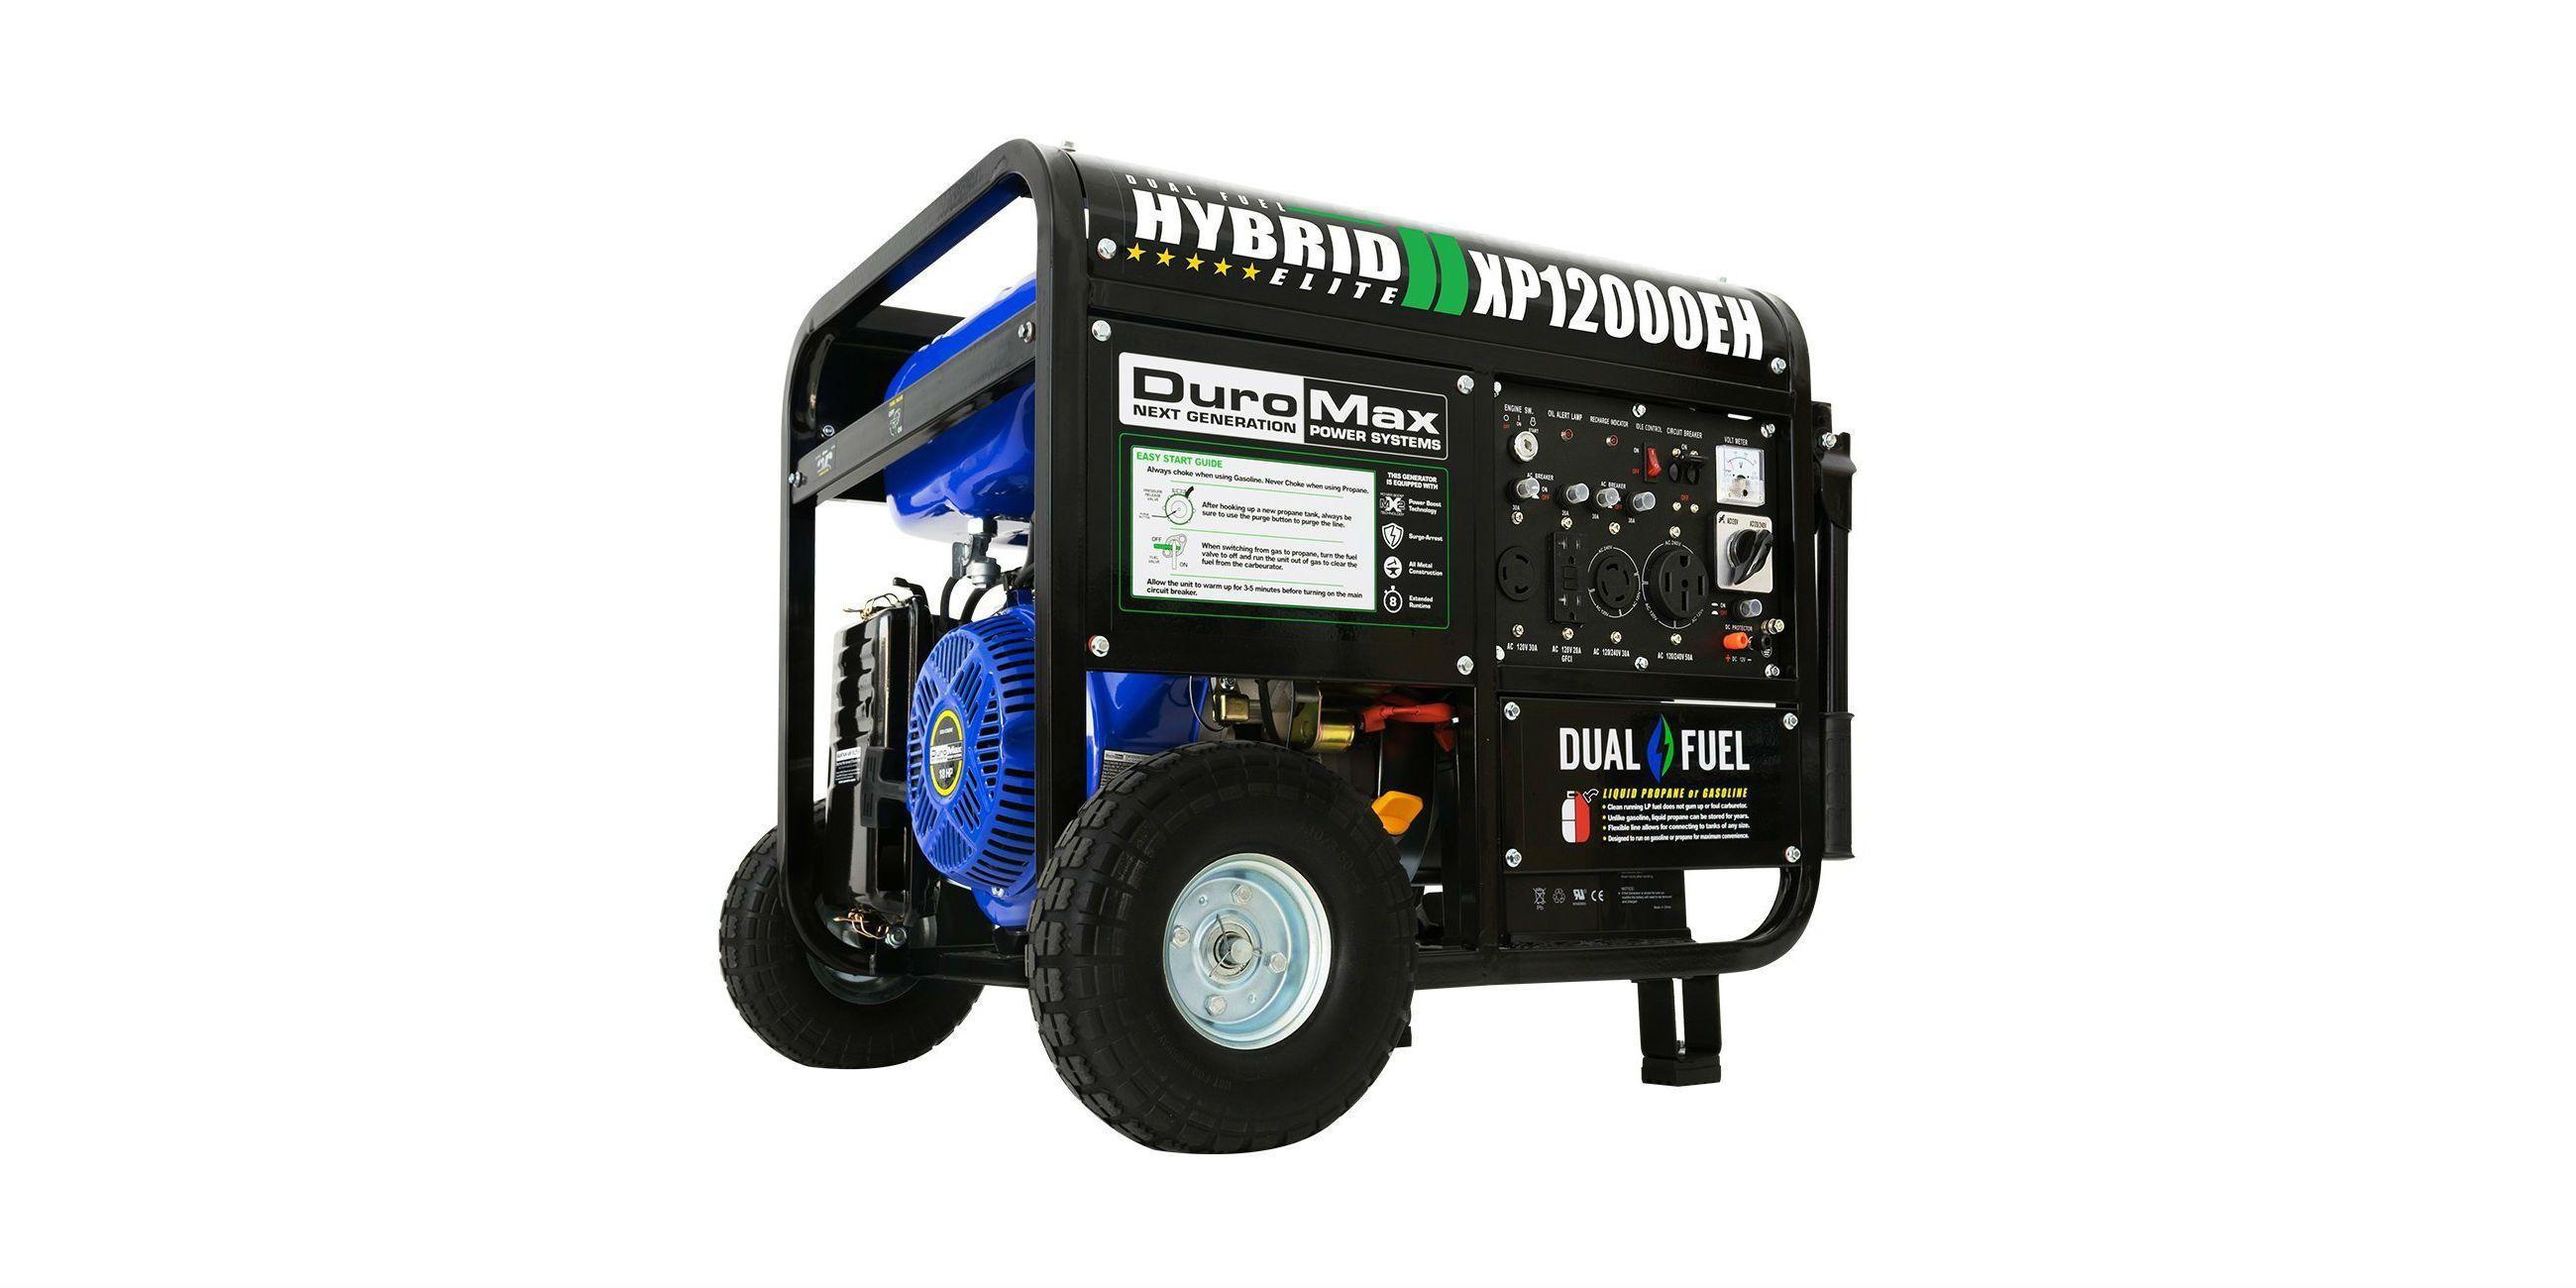 XP12000EH Generator